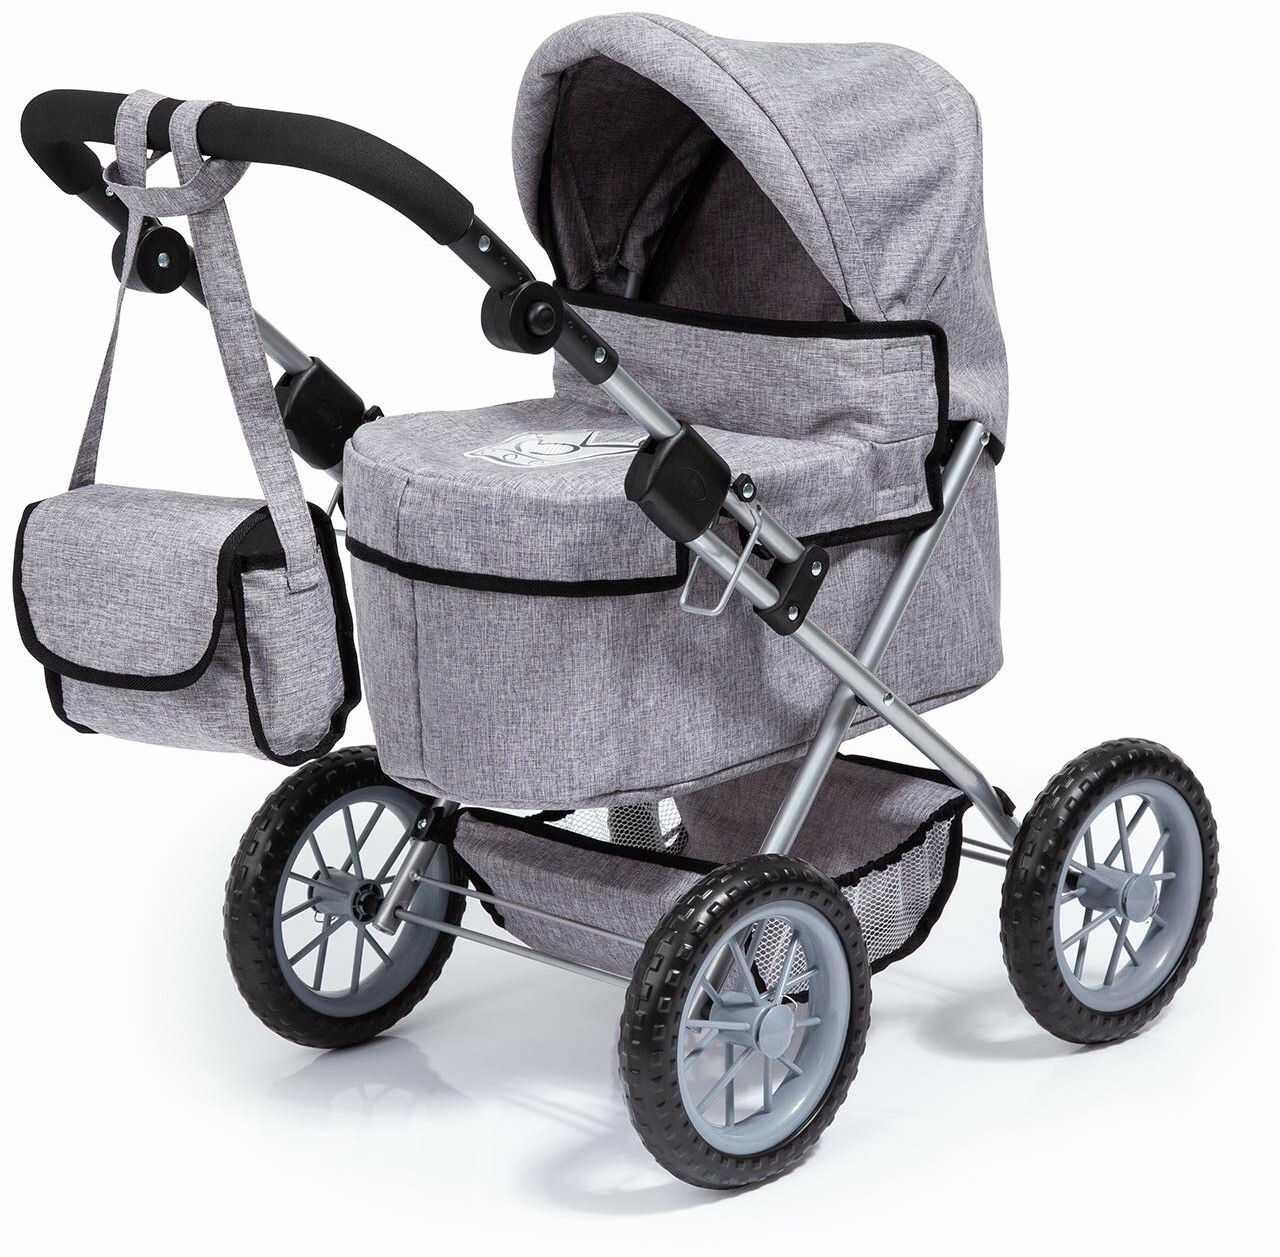 Bayer Design 13010AA wózek dla lalek modna z torbą na ramię, koszyk na zakupy, składany, szary z koroną